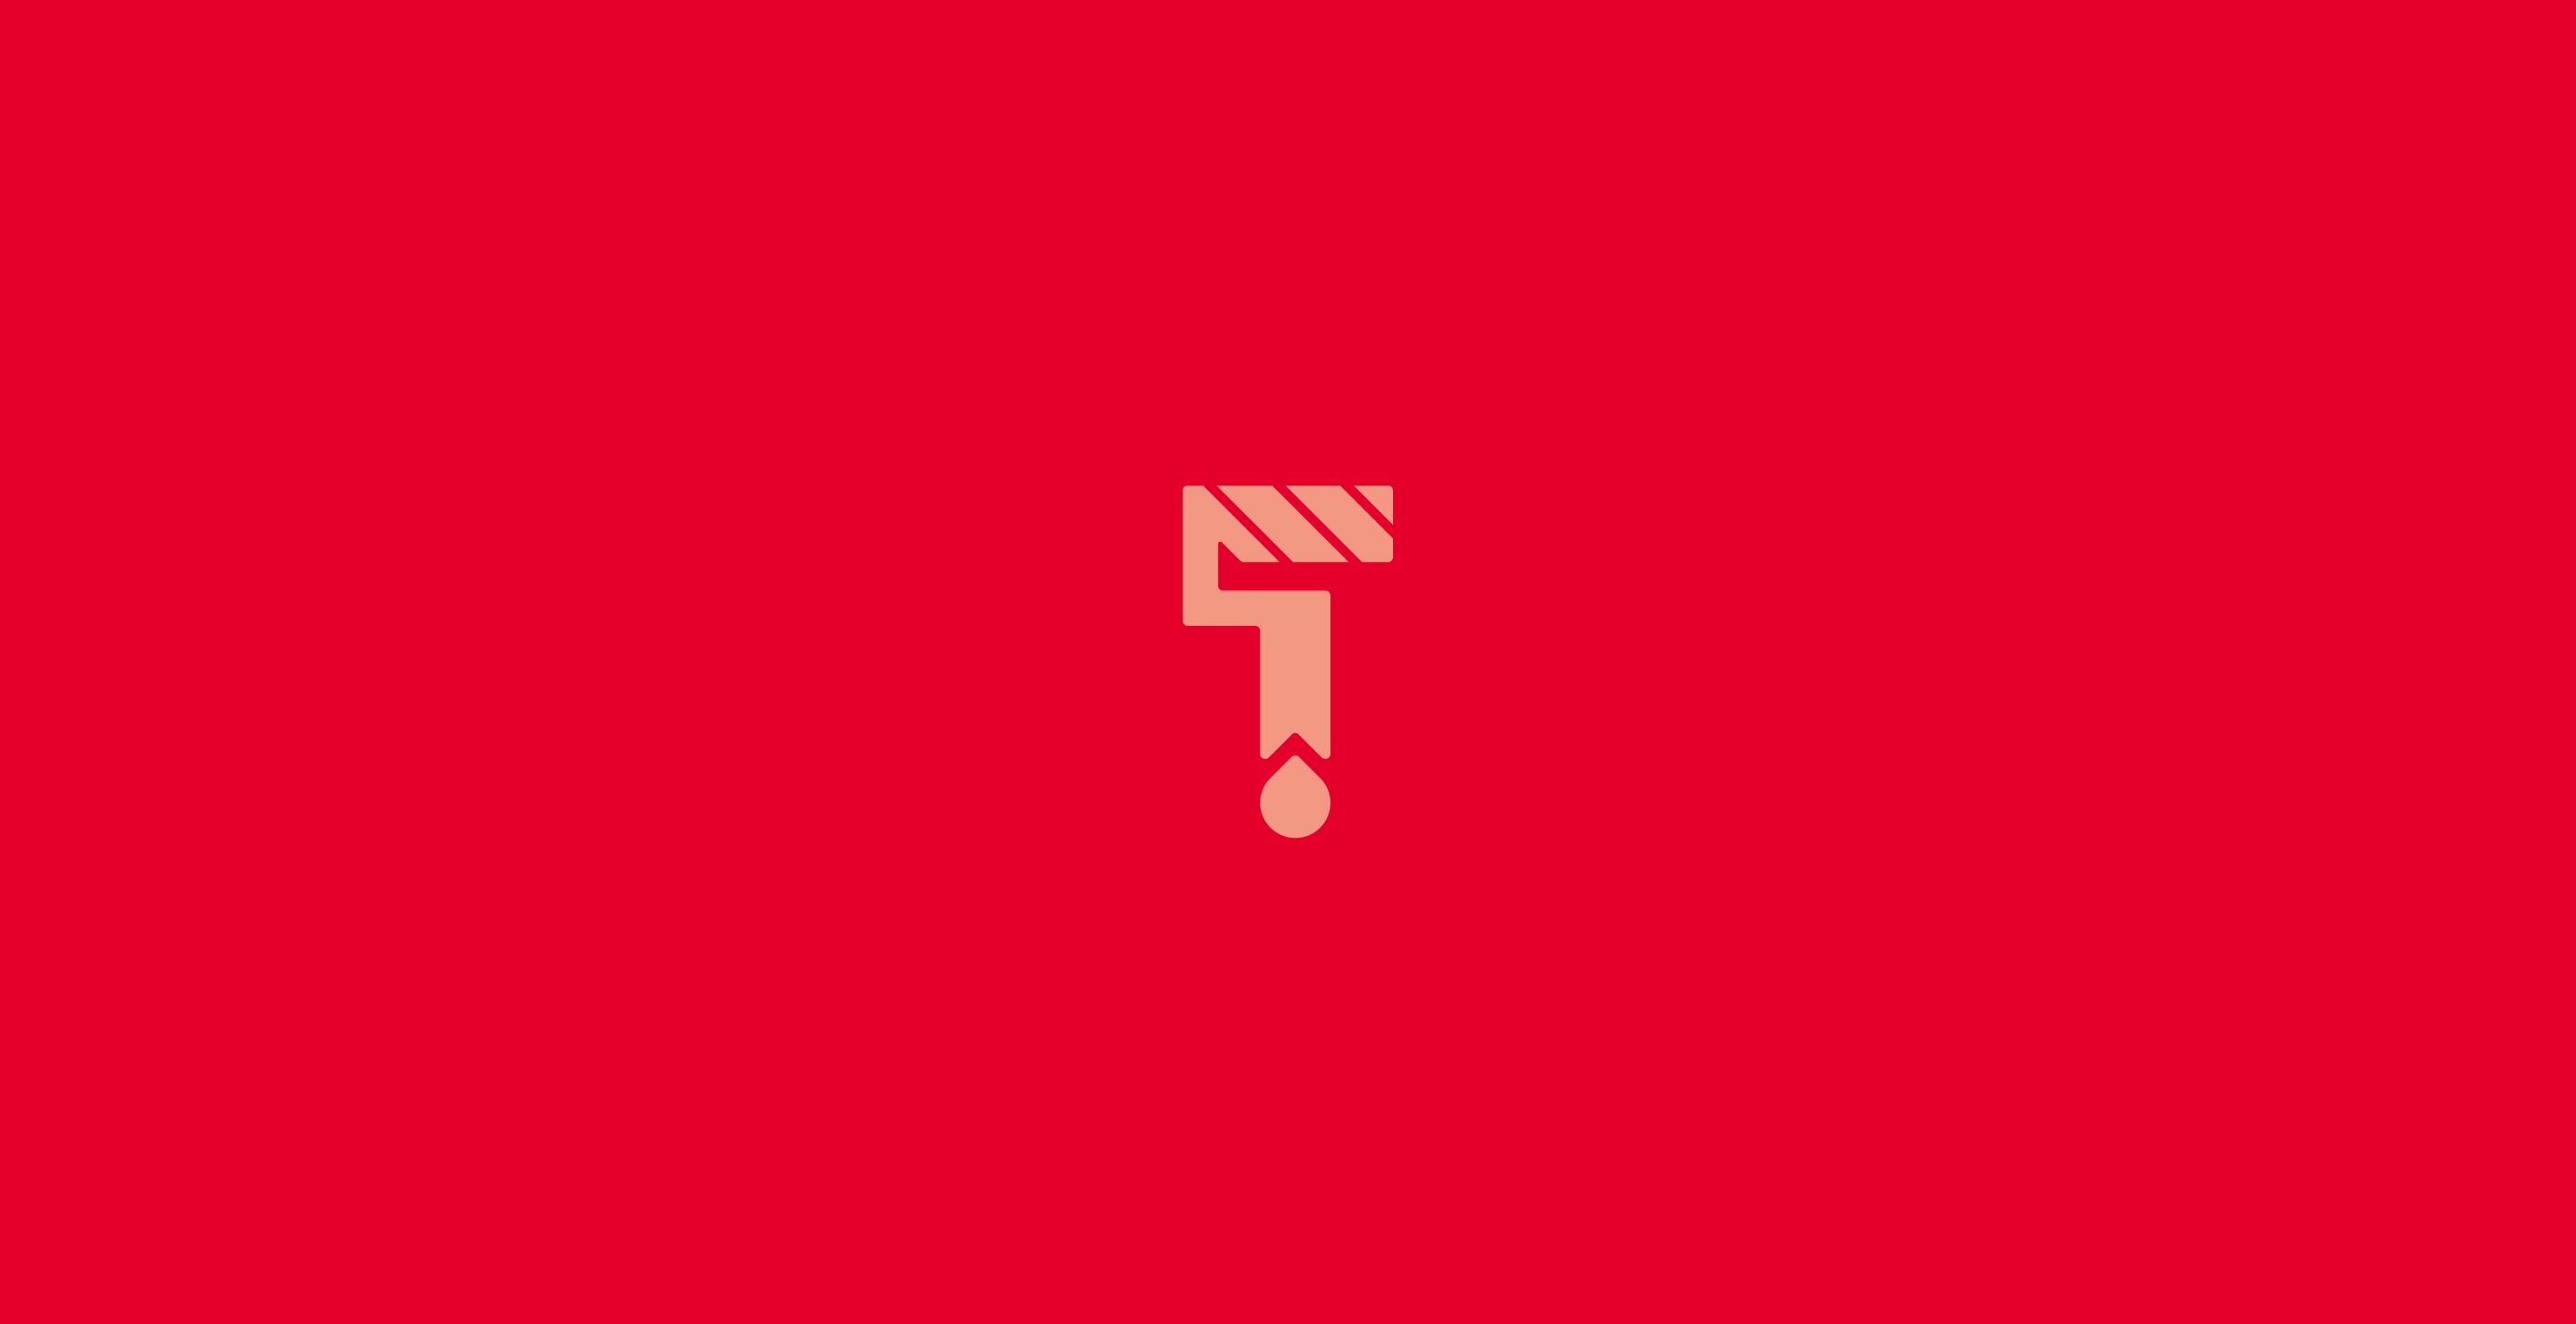 _04-simbolo-tintas